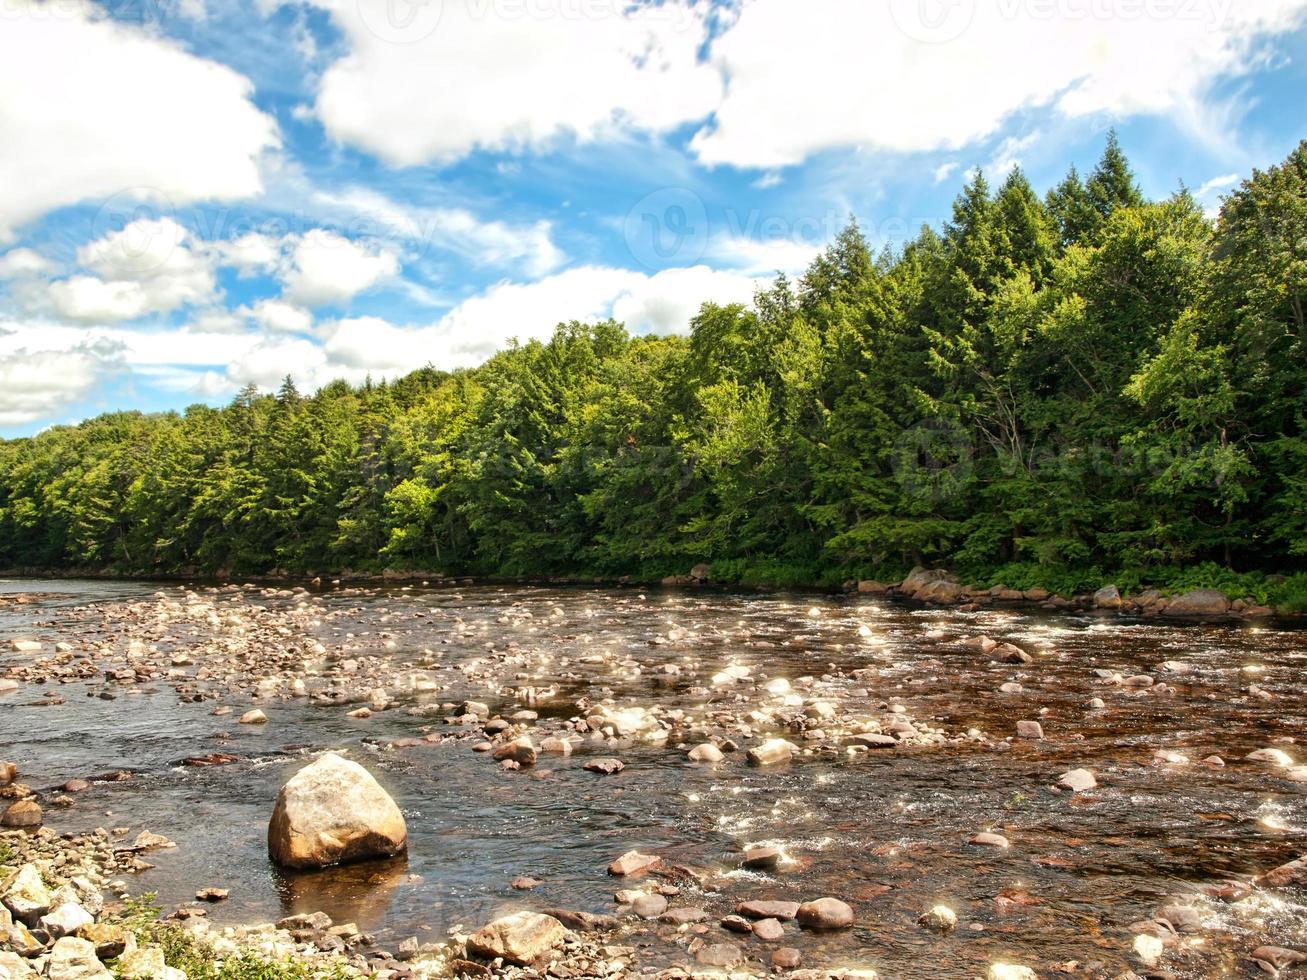 ruisseau ouest du canada photo